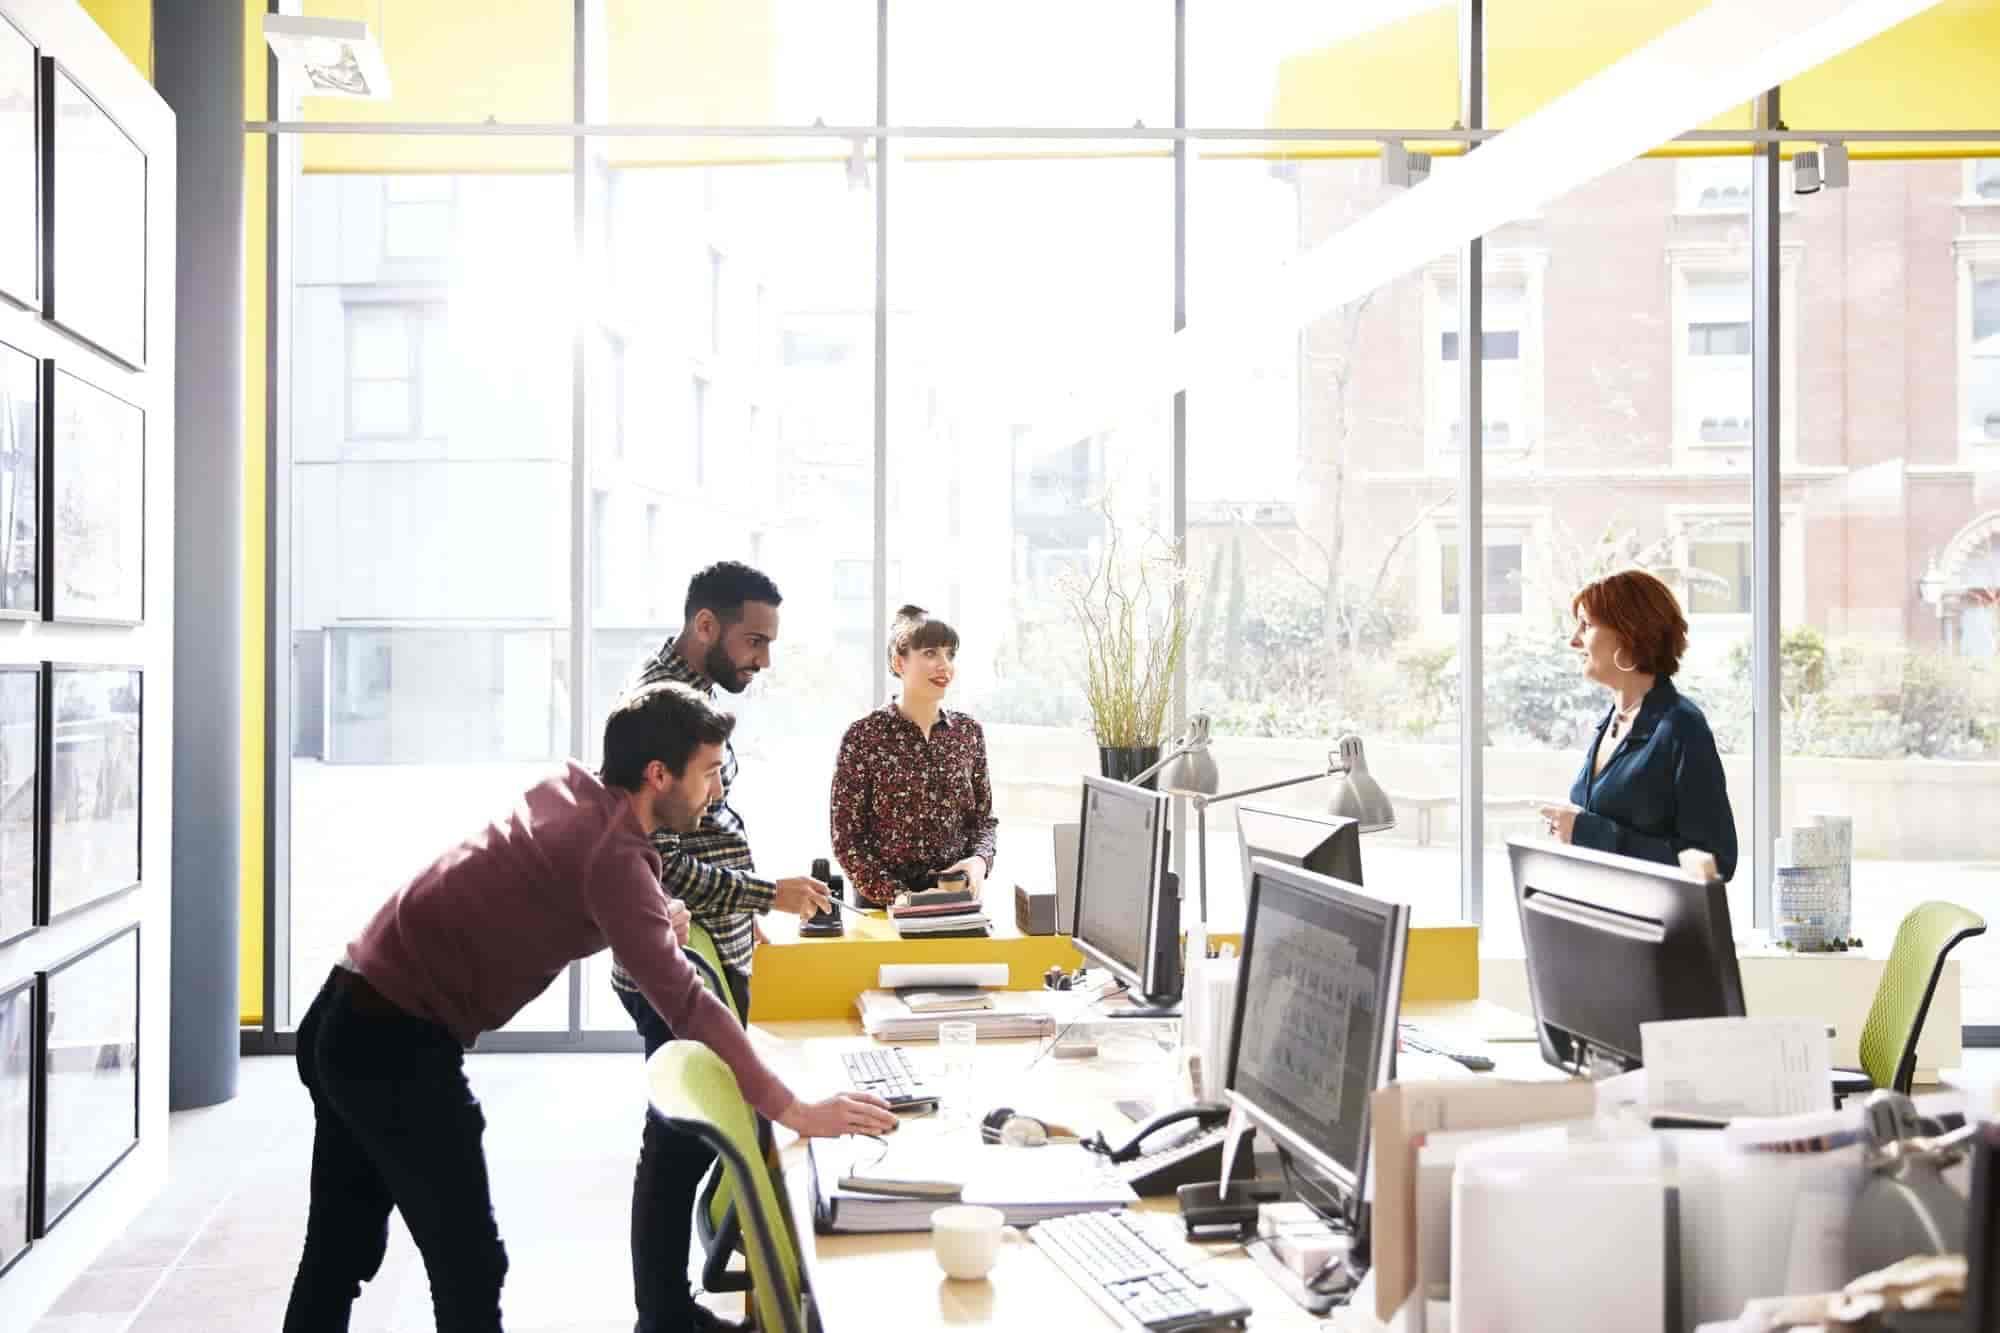 Capital humano e intelectual: definição, importância e como desenvolvê-los na empresa?